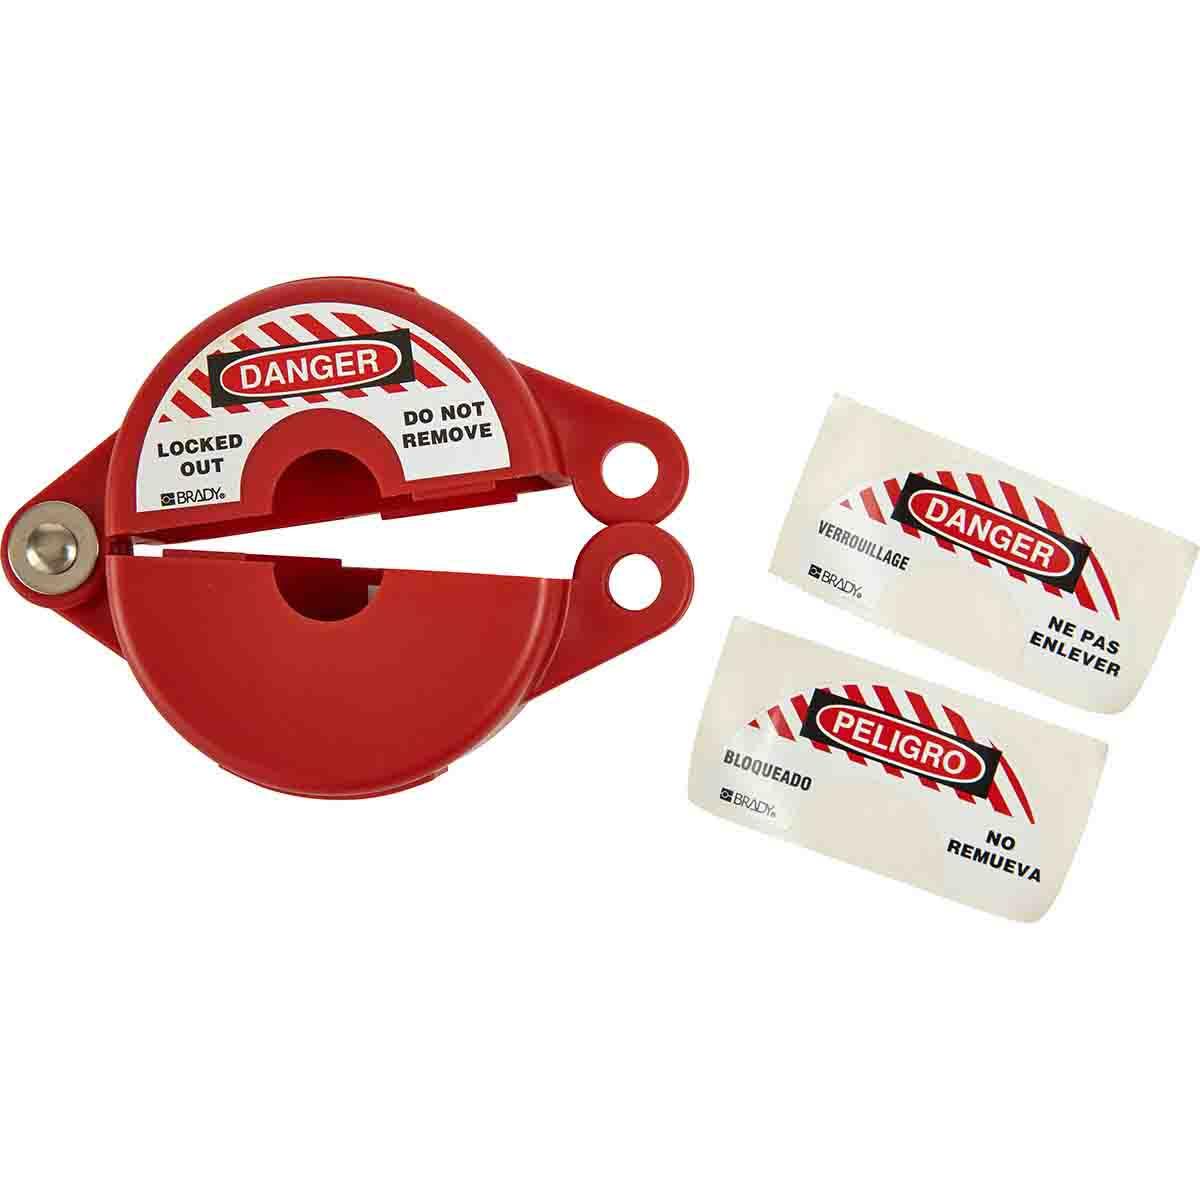 Brady® 65560 Gate Valve Lockout, Fits Minimum Handle Size: 1 in, Fits Maximum Handle Size: 2-1/2 in, 1 Padlocks, -40 deg F Min, 302 deg F max